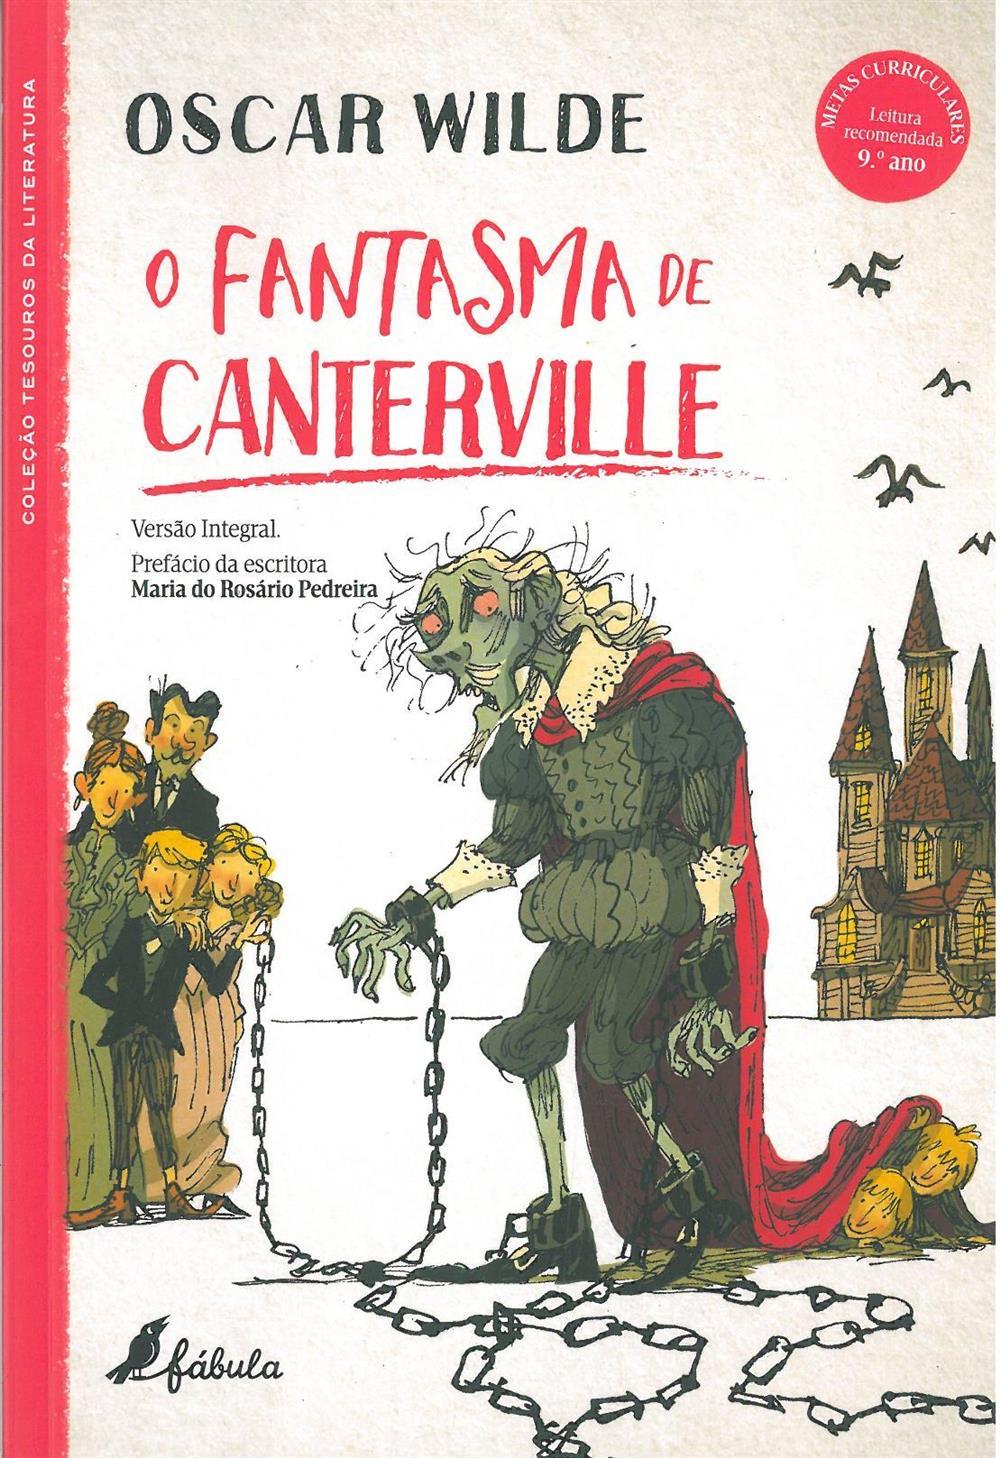 O fantasma de Canterville.jpg